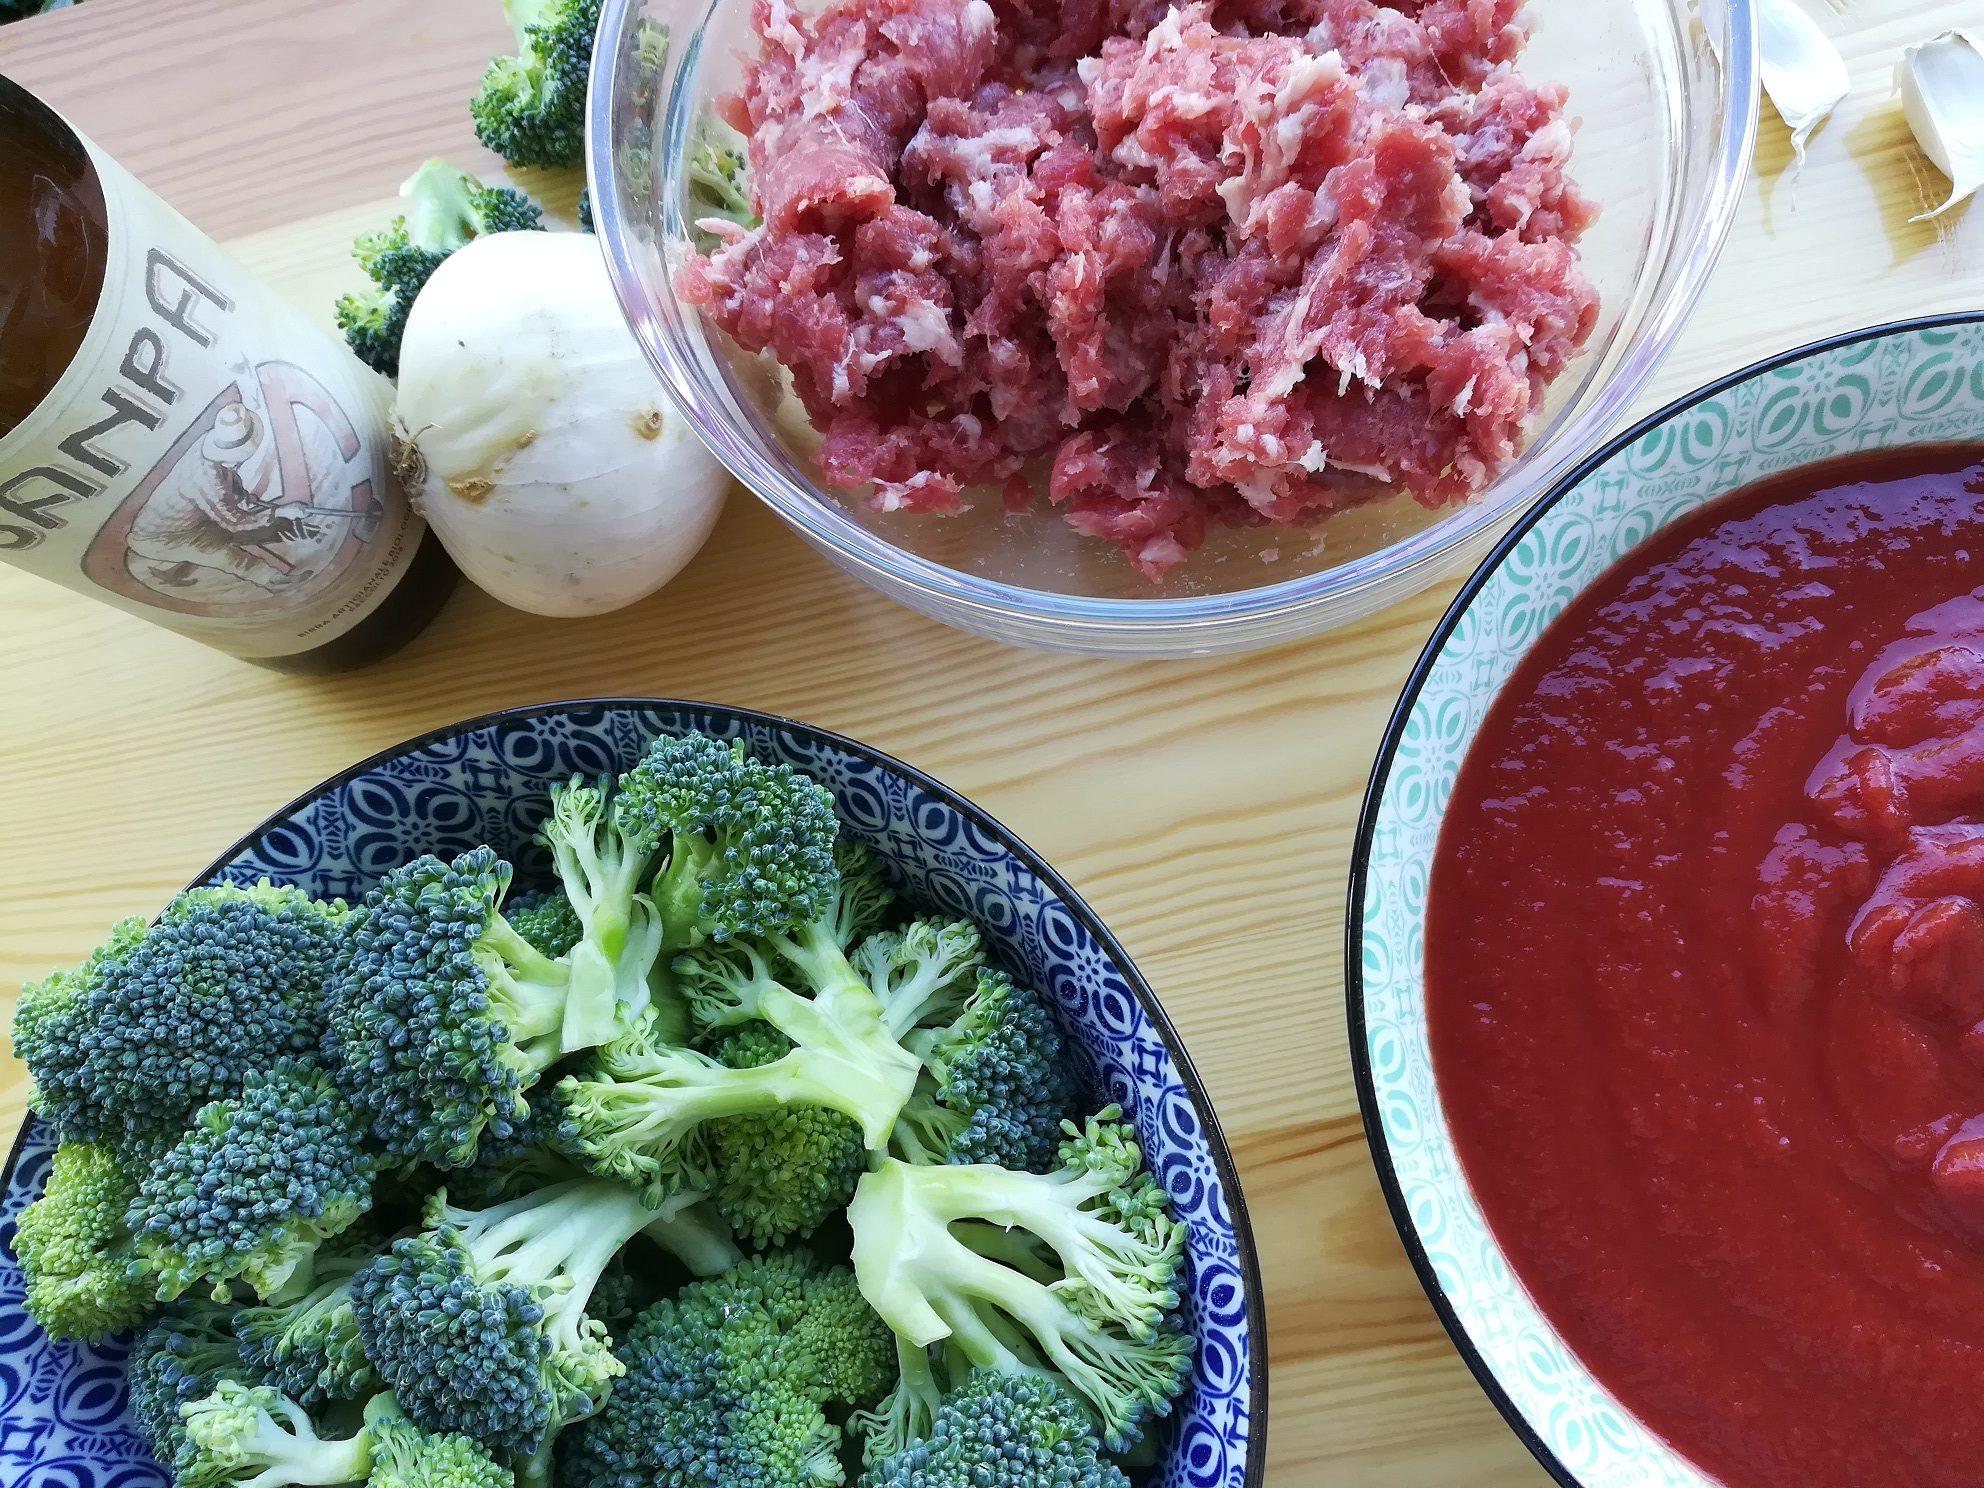 Le lasagne con broccoli e salsiccia alla birra contadina Sanpa®